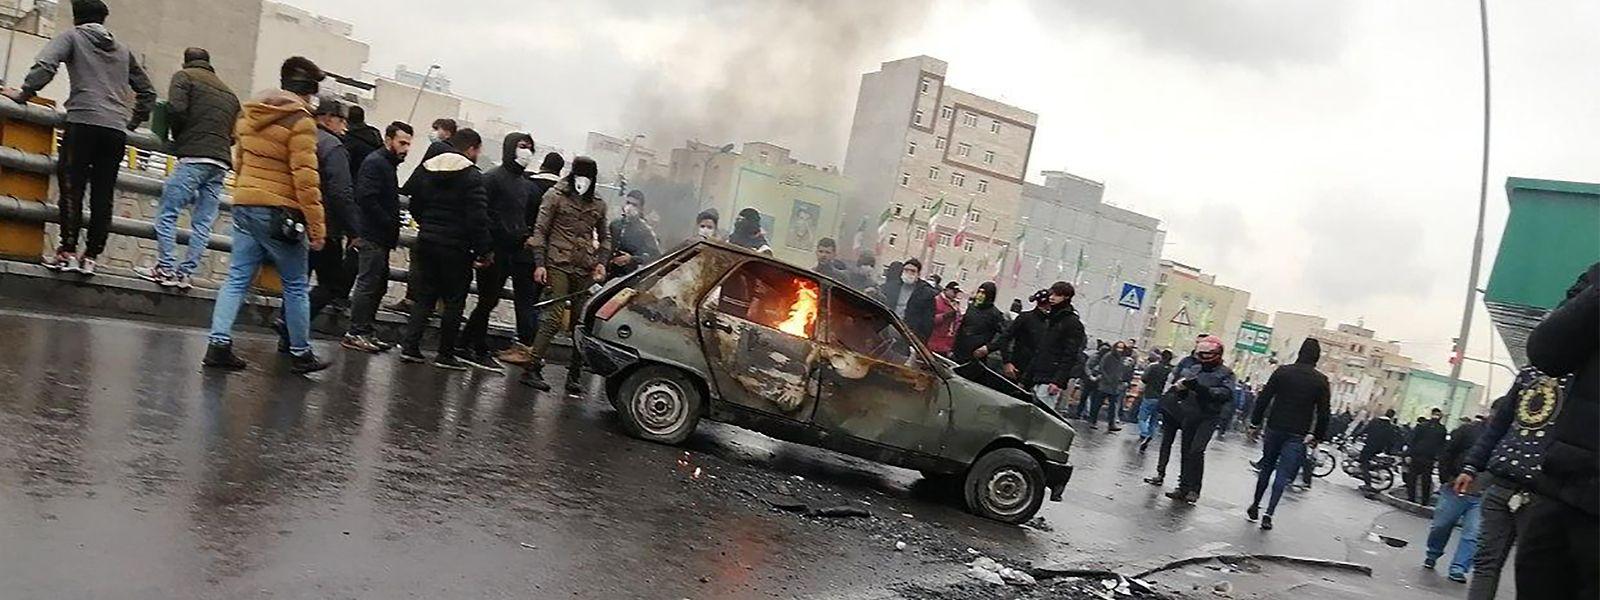 Laut Amnesty wurden bei den zweiwöchigen Protesten im November mindestens 200 Menschen getötet.